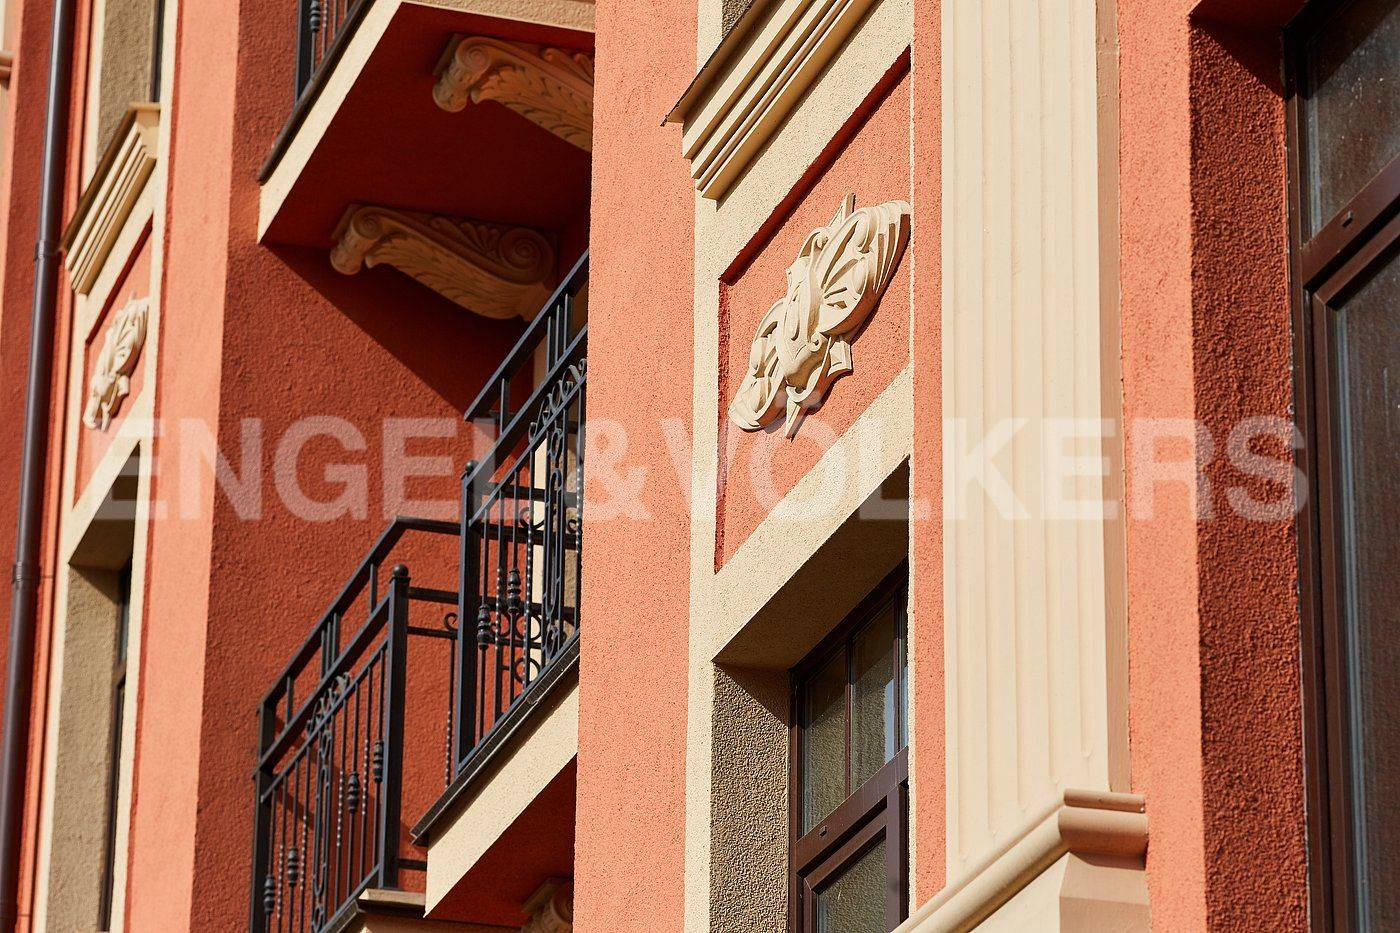 Элитные квартиры в Других районах области. Санкт-Петербург, Дибуновская улица, 30. Фасад